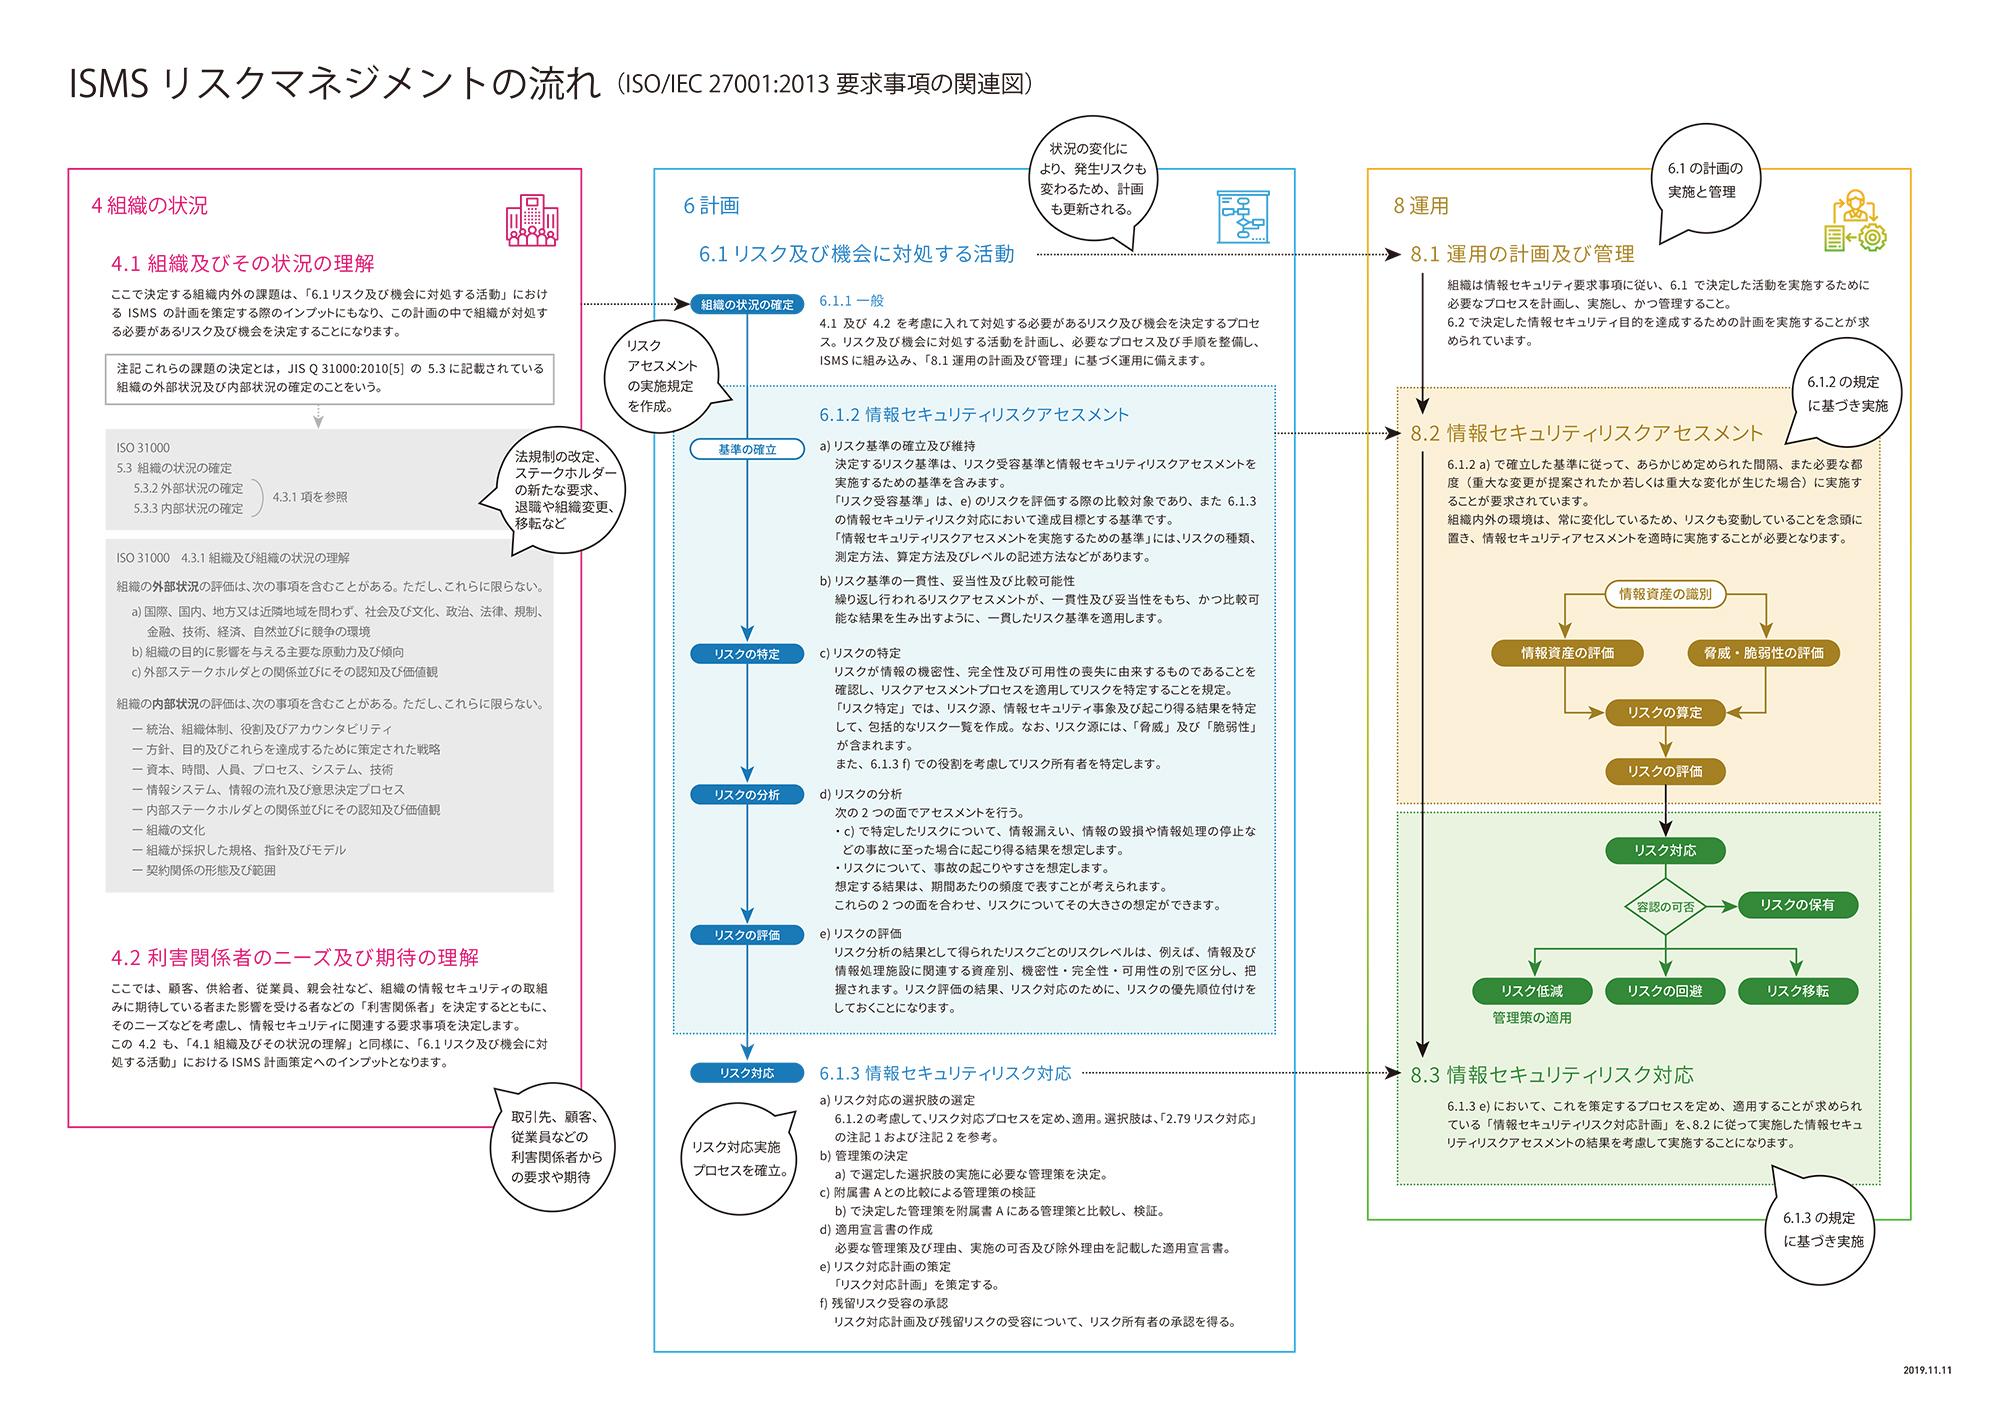 システム 情報 セキュリティ マネジメント